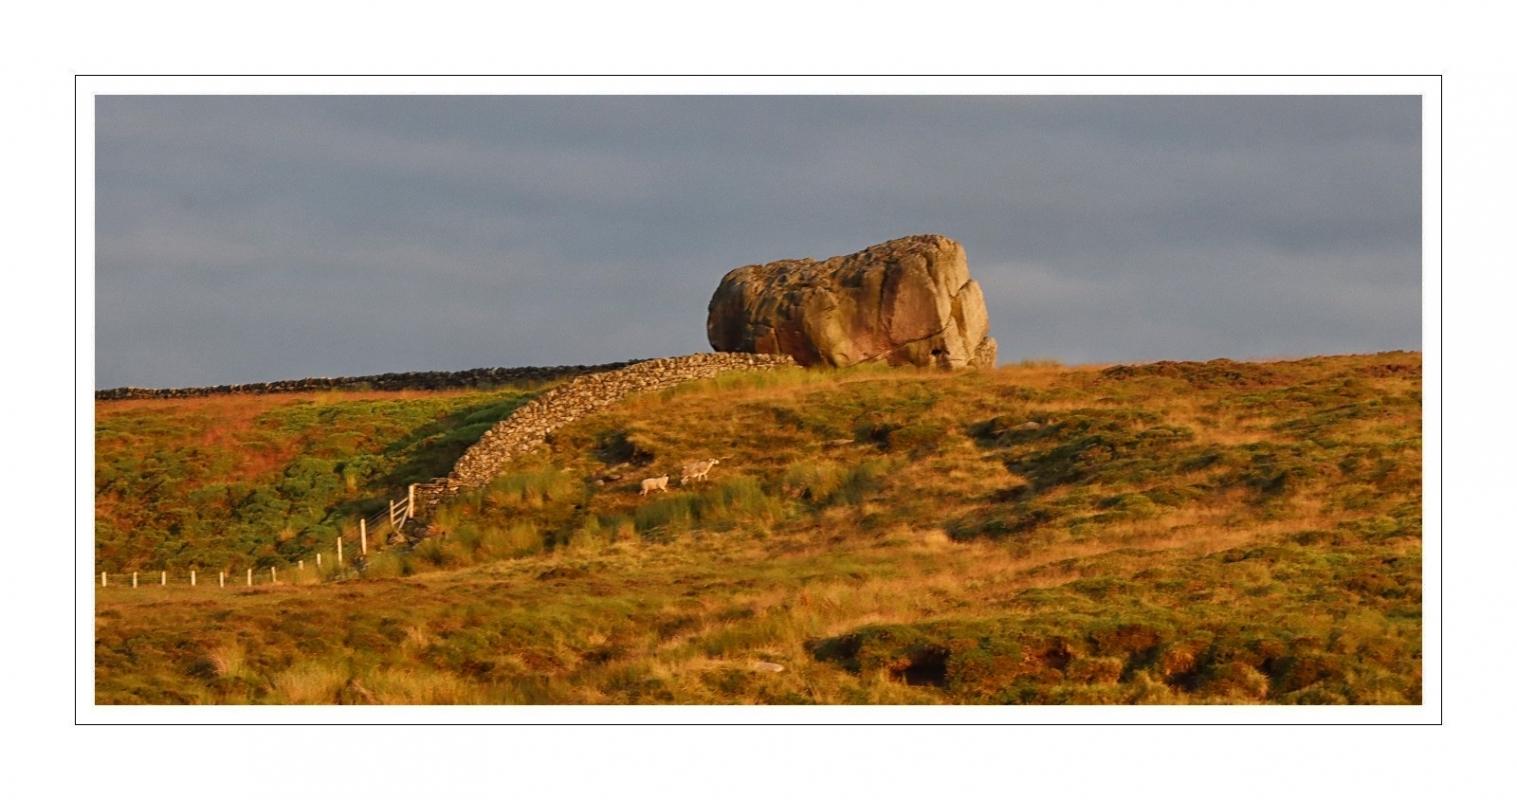 hitching-stone-5470.jpg